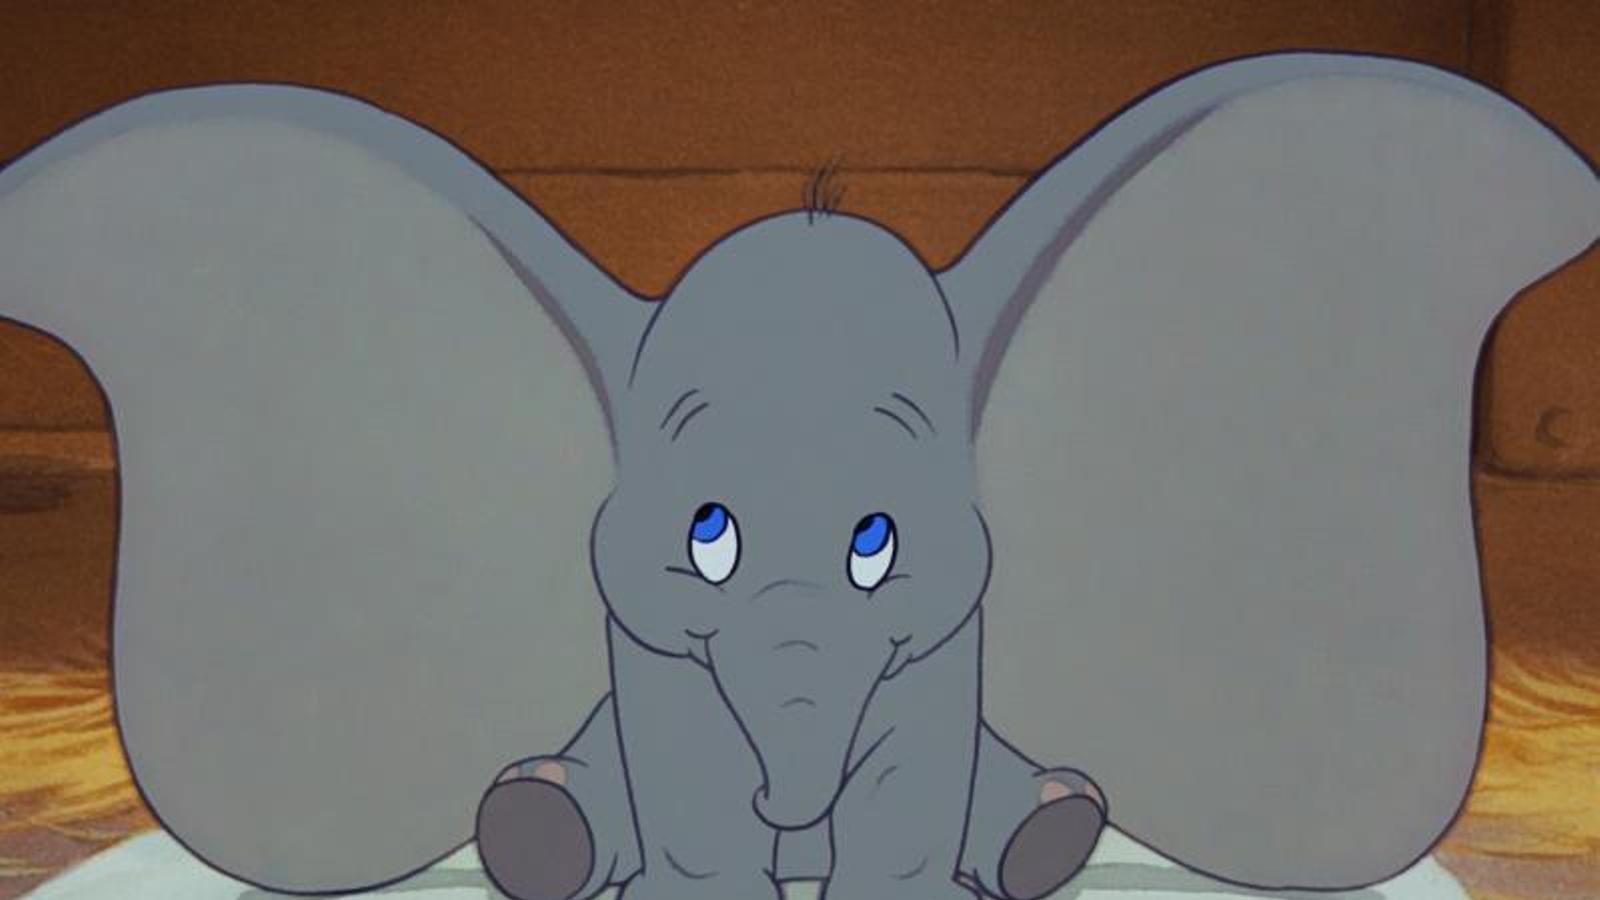 'Dumbo' / Disney